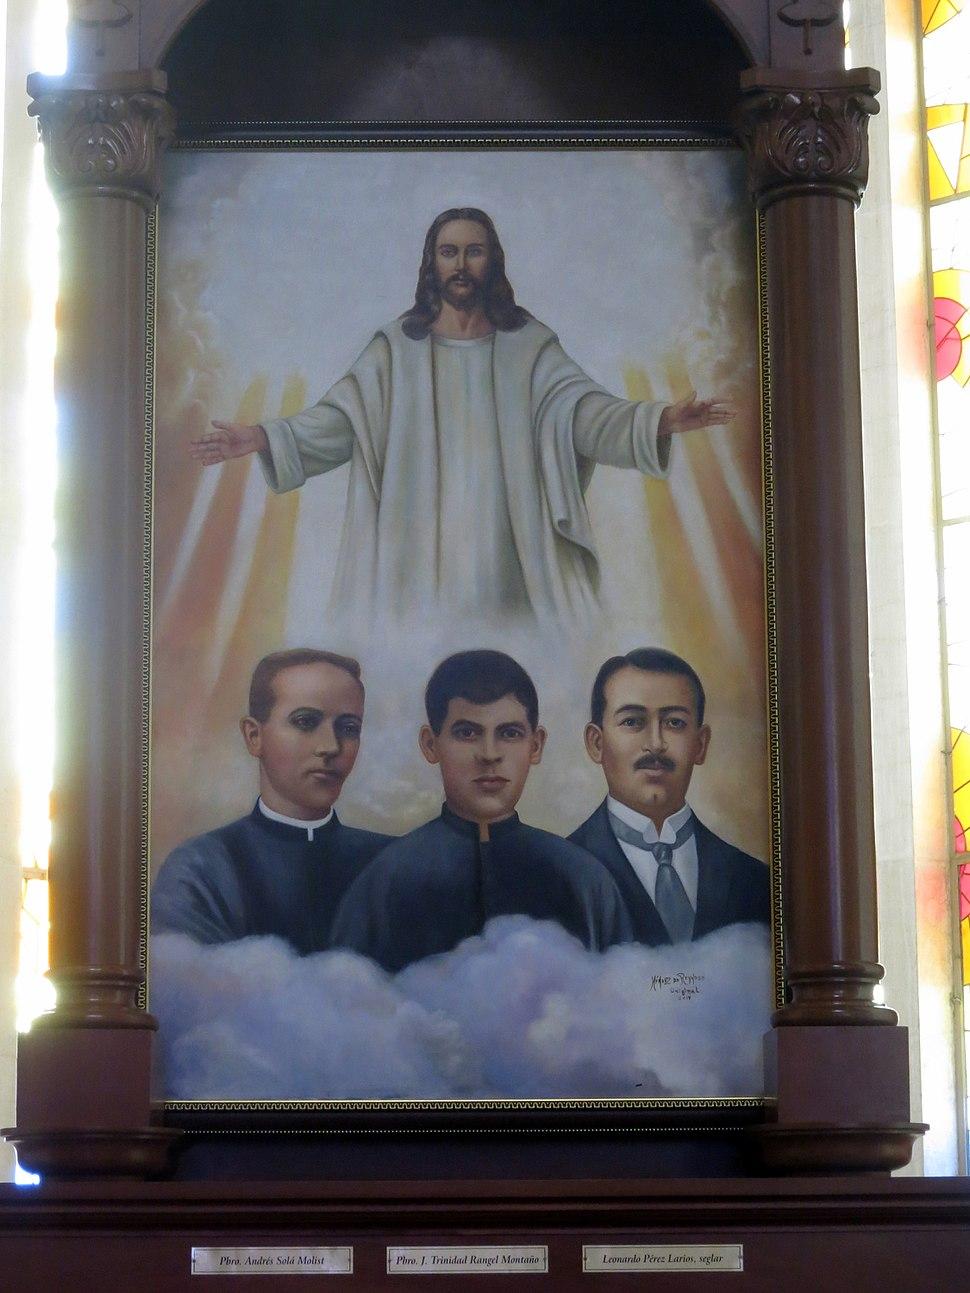 Expiatorio del Templo Sagrado Corazón de Jesús (León, Guanajuato) - Mexican Martyrs shrine, detail